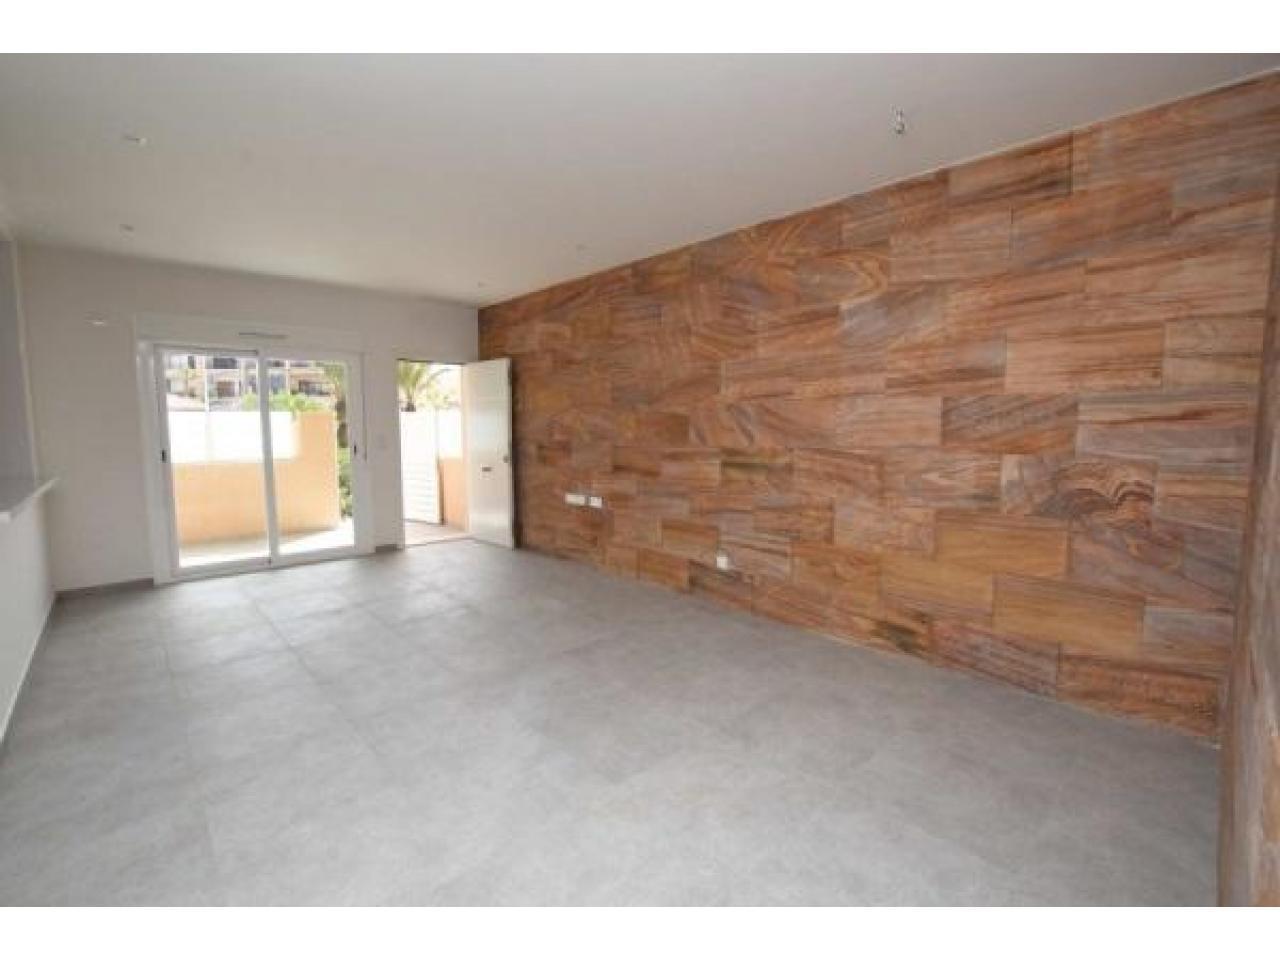 Недвижимость в Испании, Новые квартиры рядом с пляжем от застройщика в Ла Мата,Торревьеха - 10